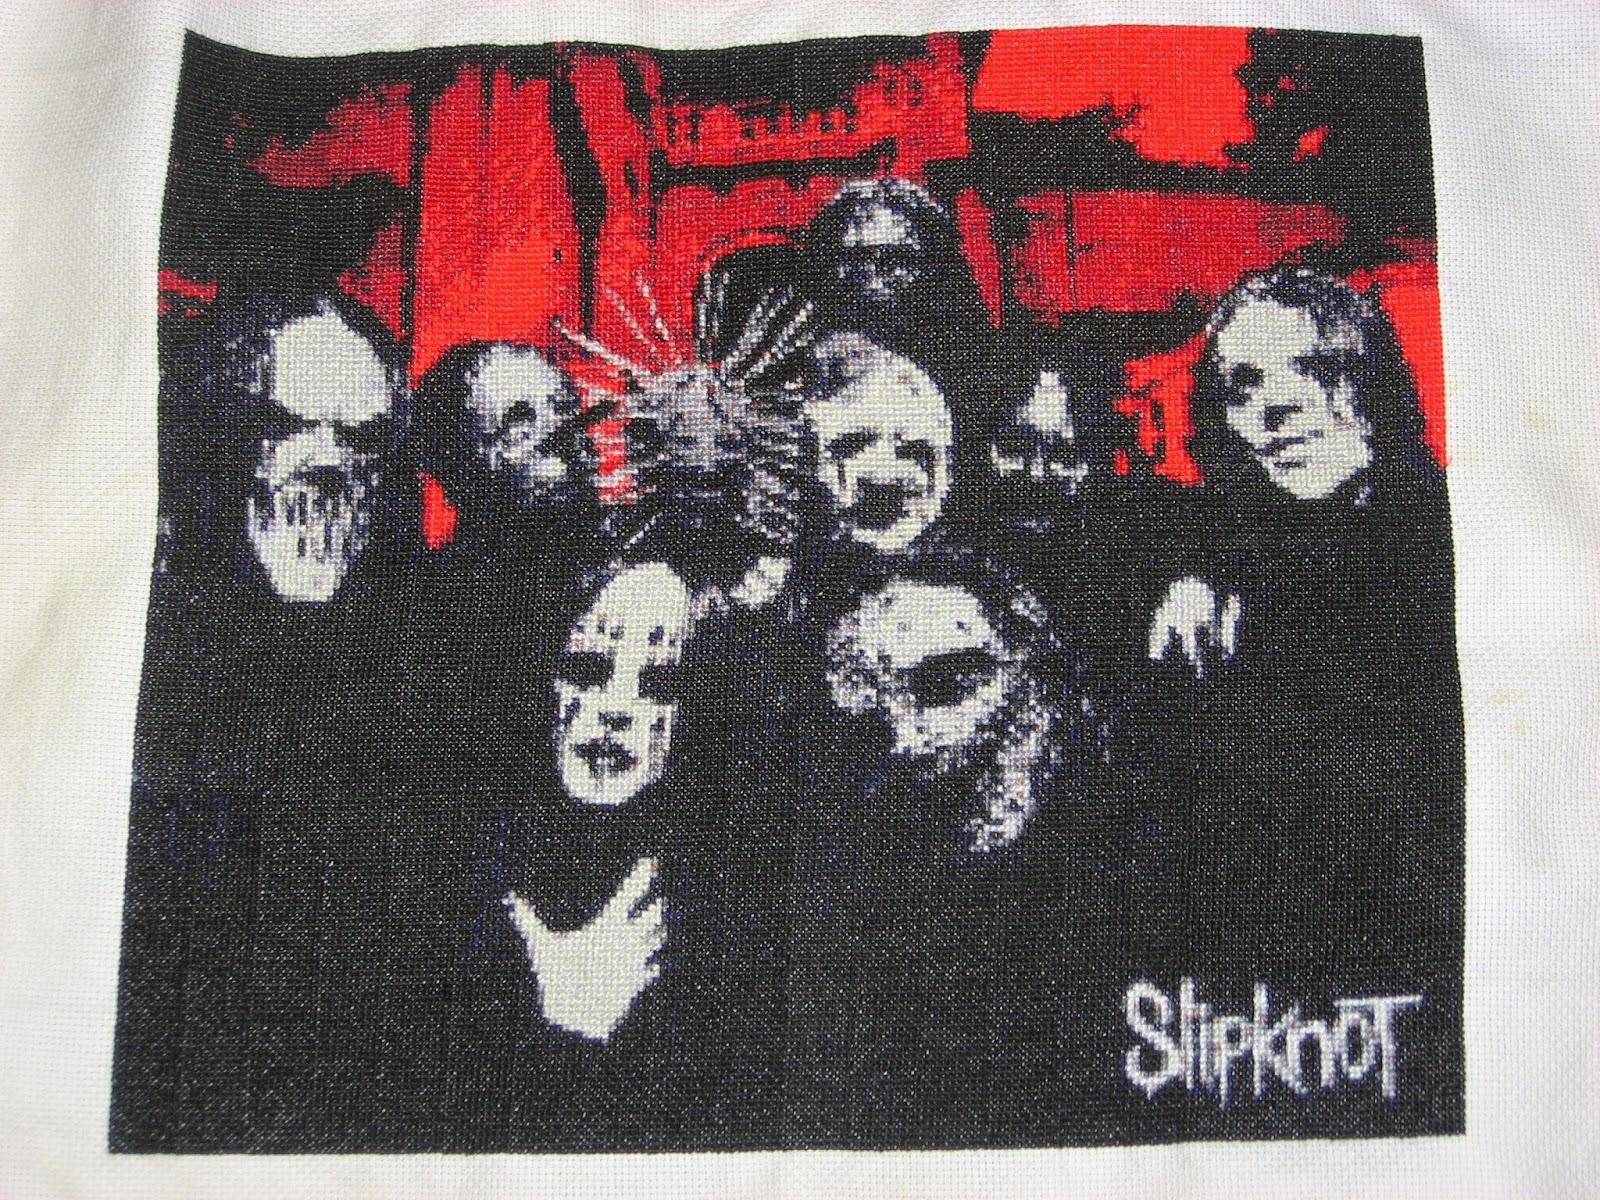 Slipknot Embroidery Sampler